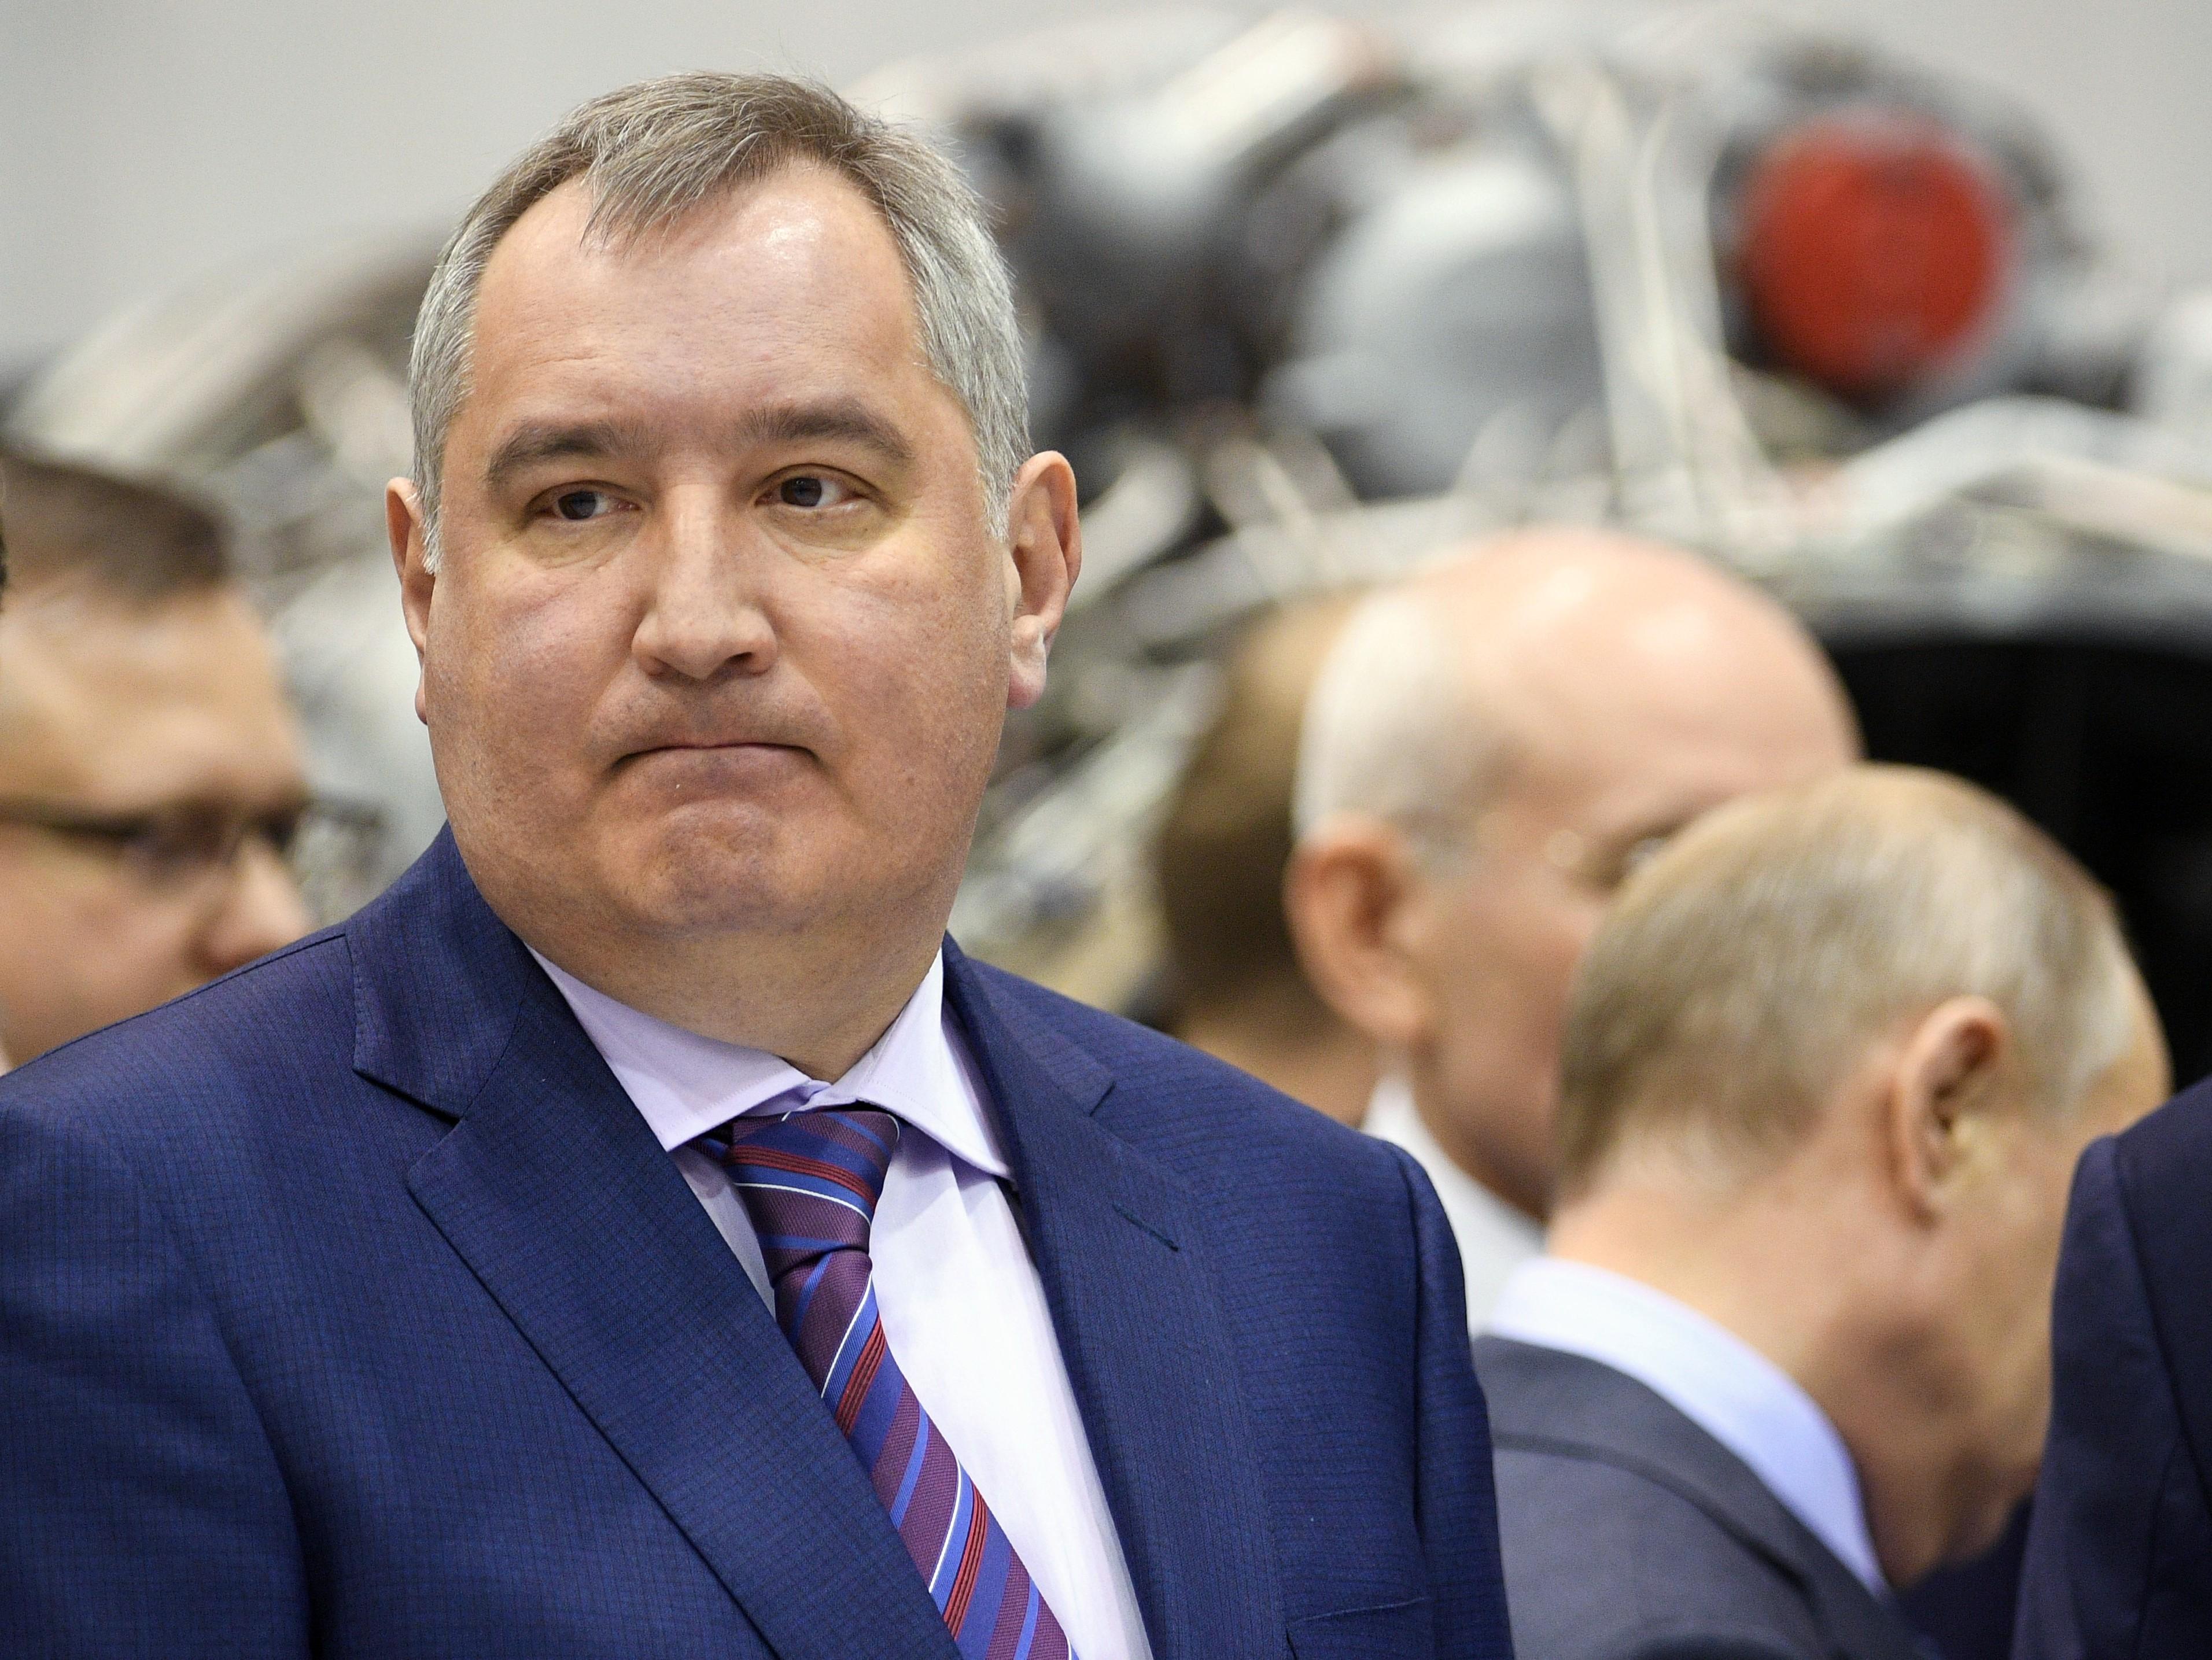 Фото © РИА Новости/Сергей Мамонтов